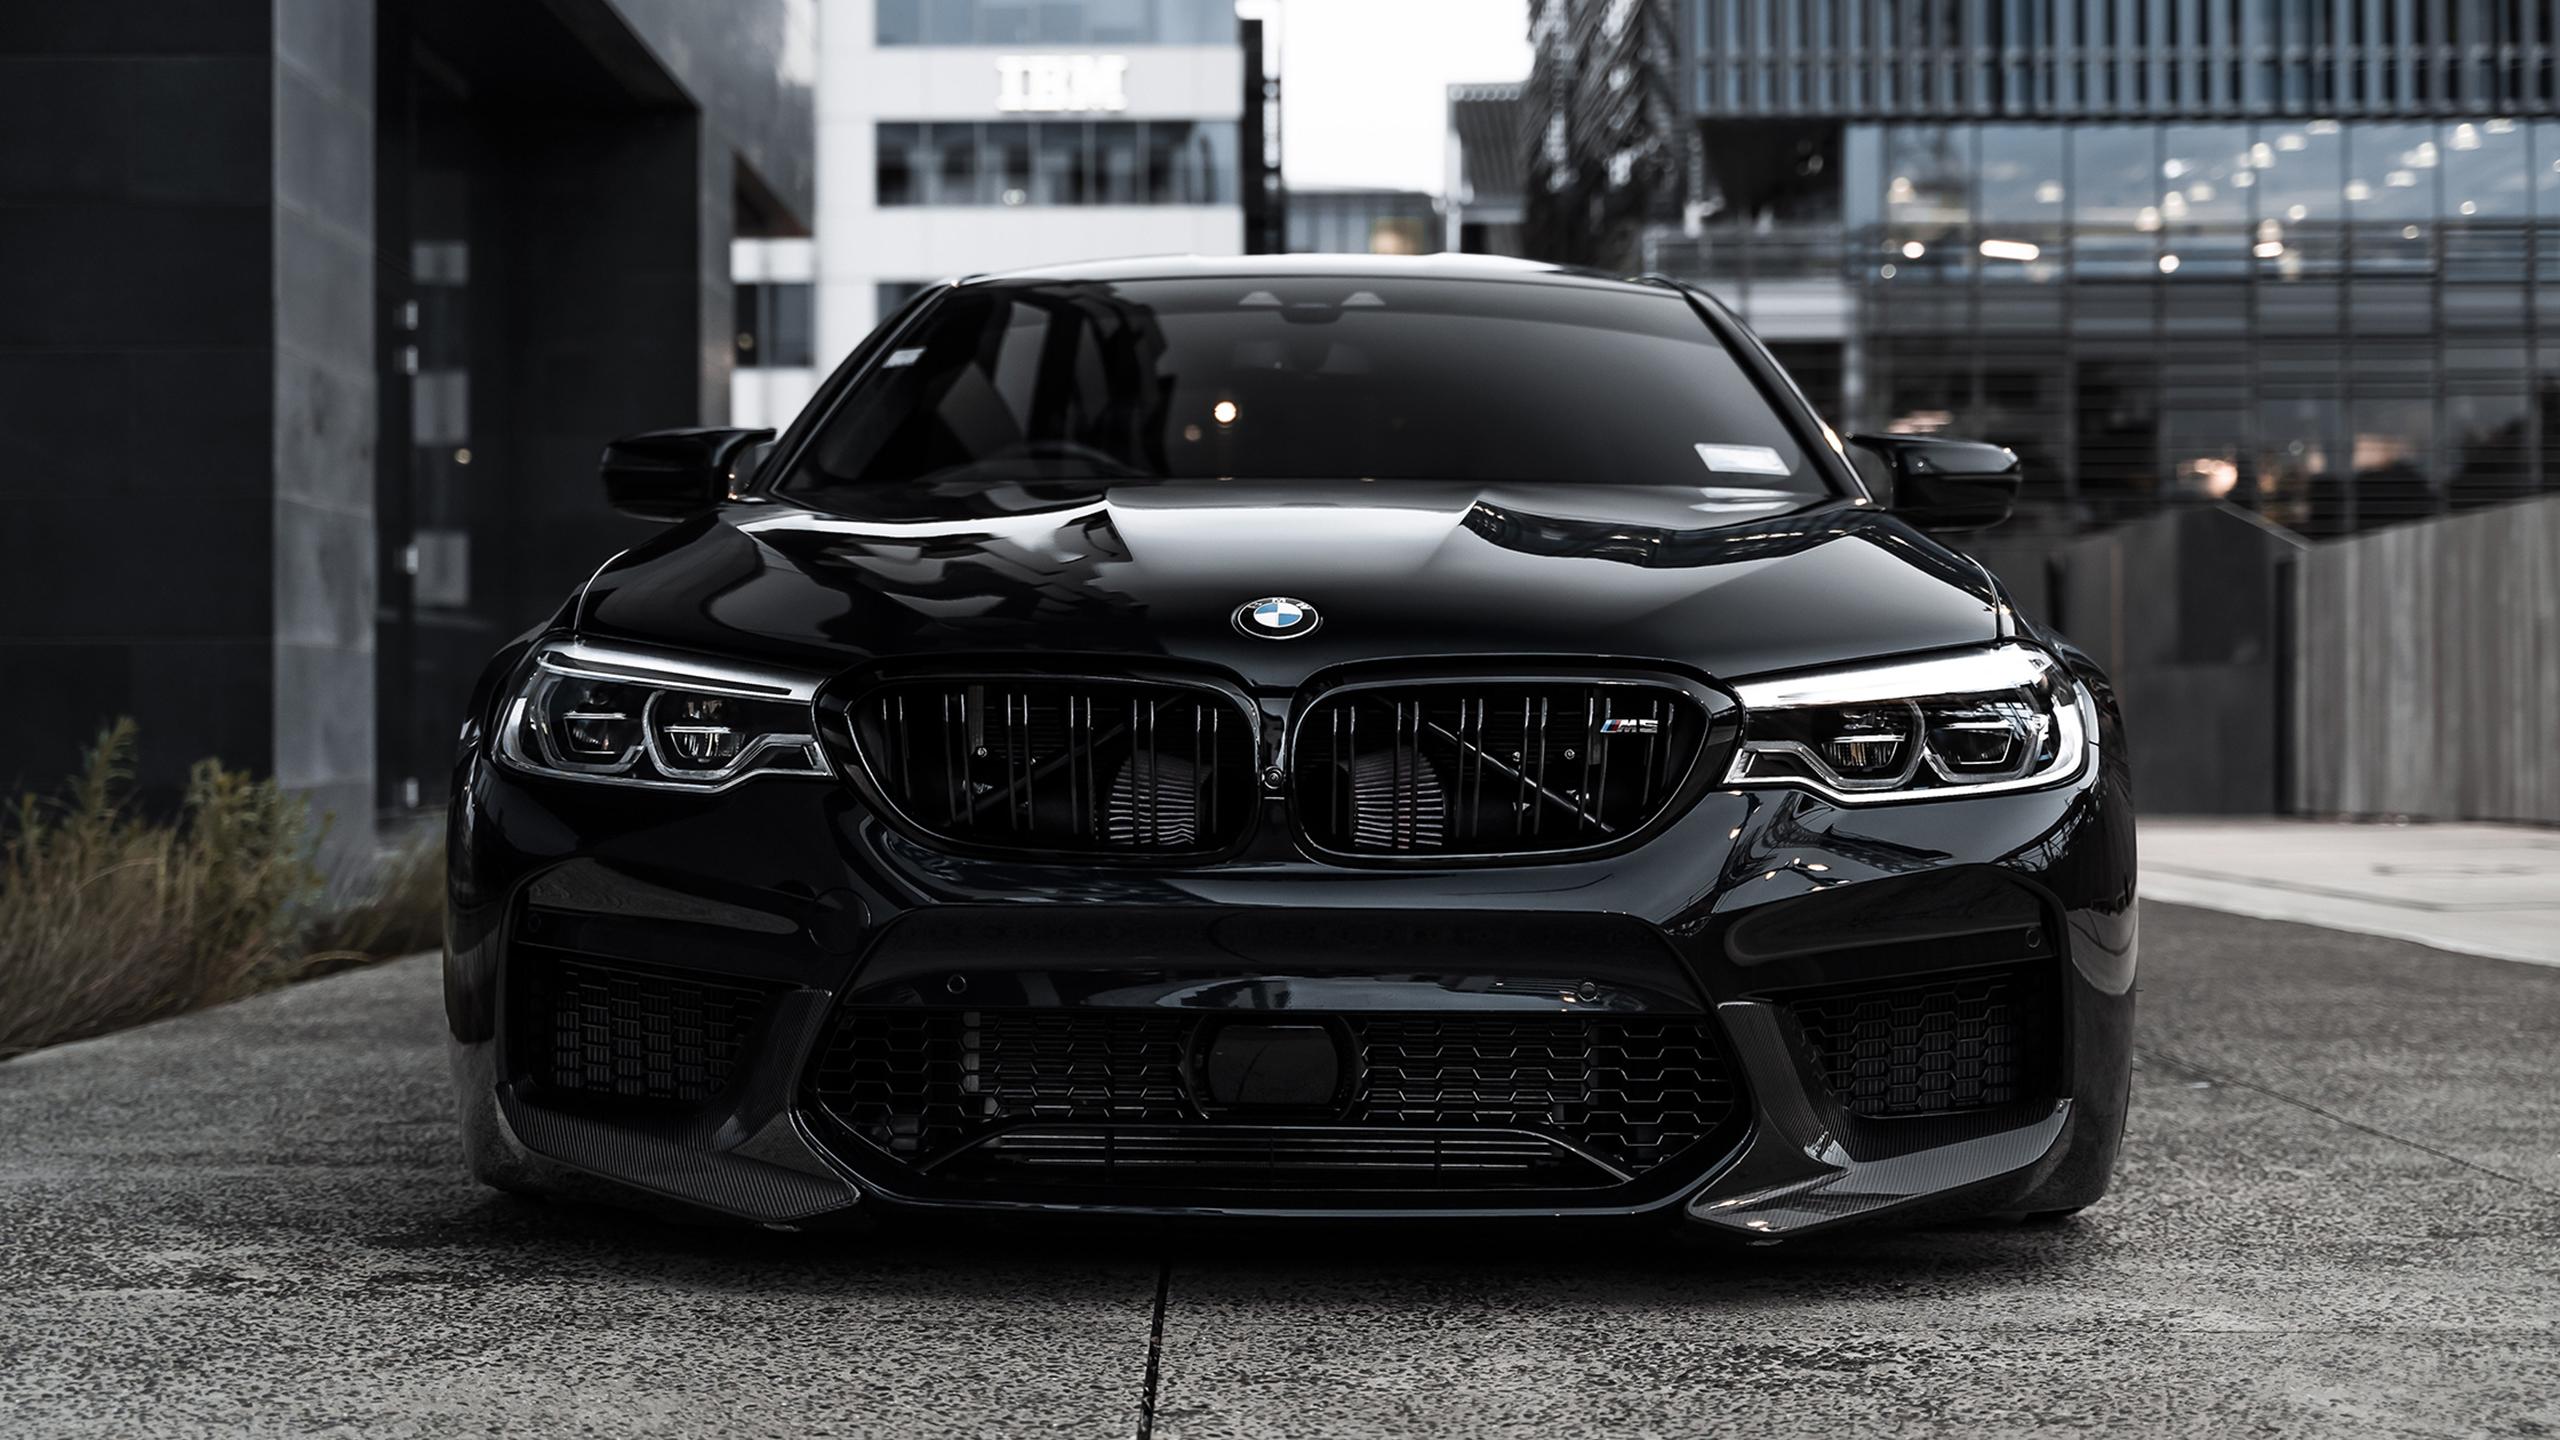 BMW M5 F90 Wallpaper HD Car Wallpapers ID 12524 2560x1440